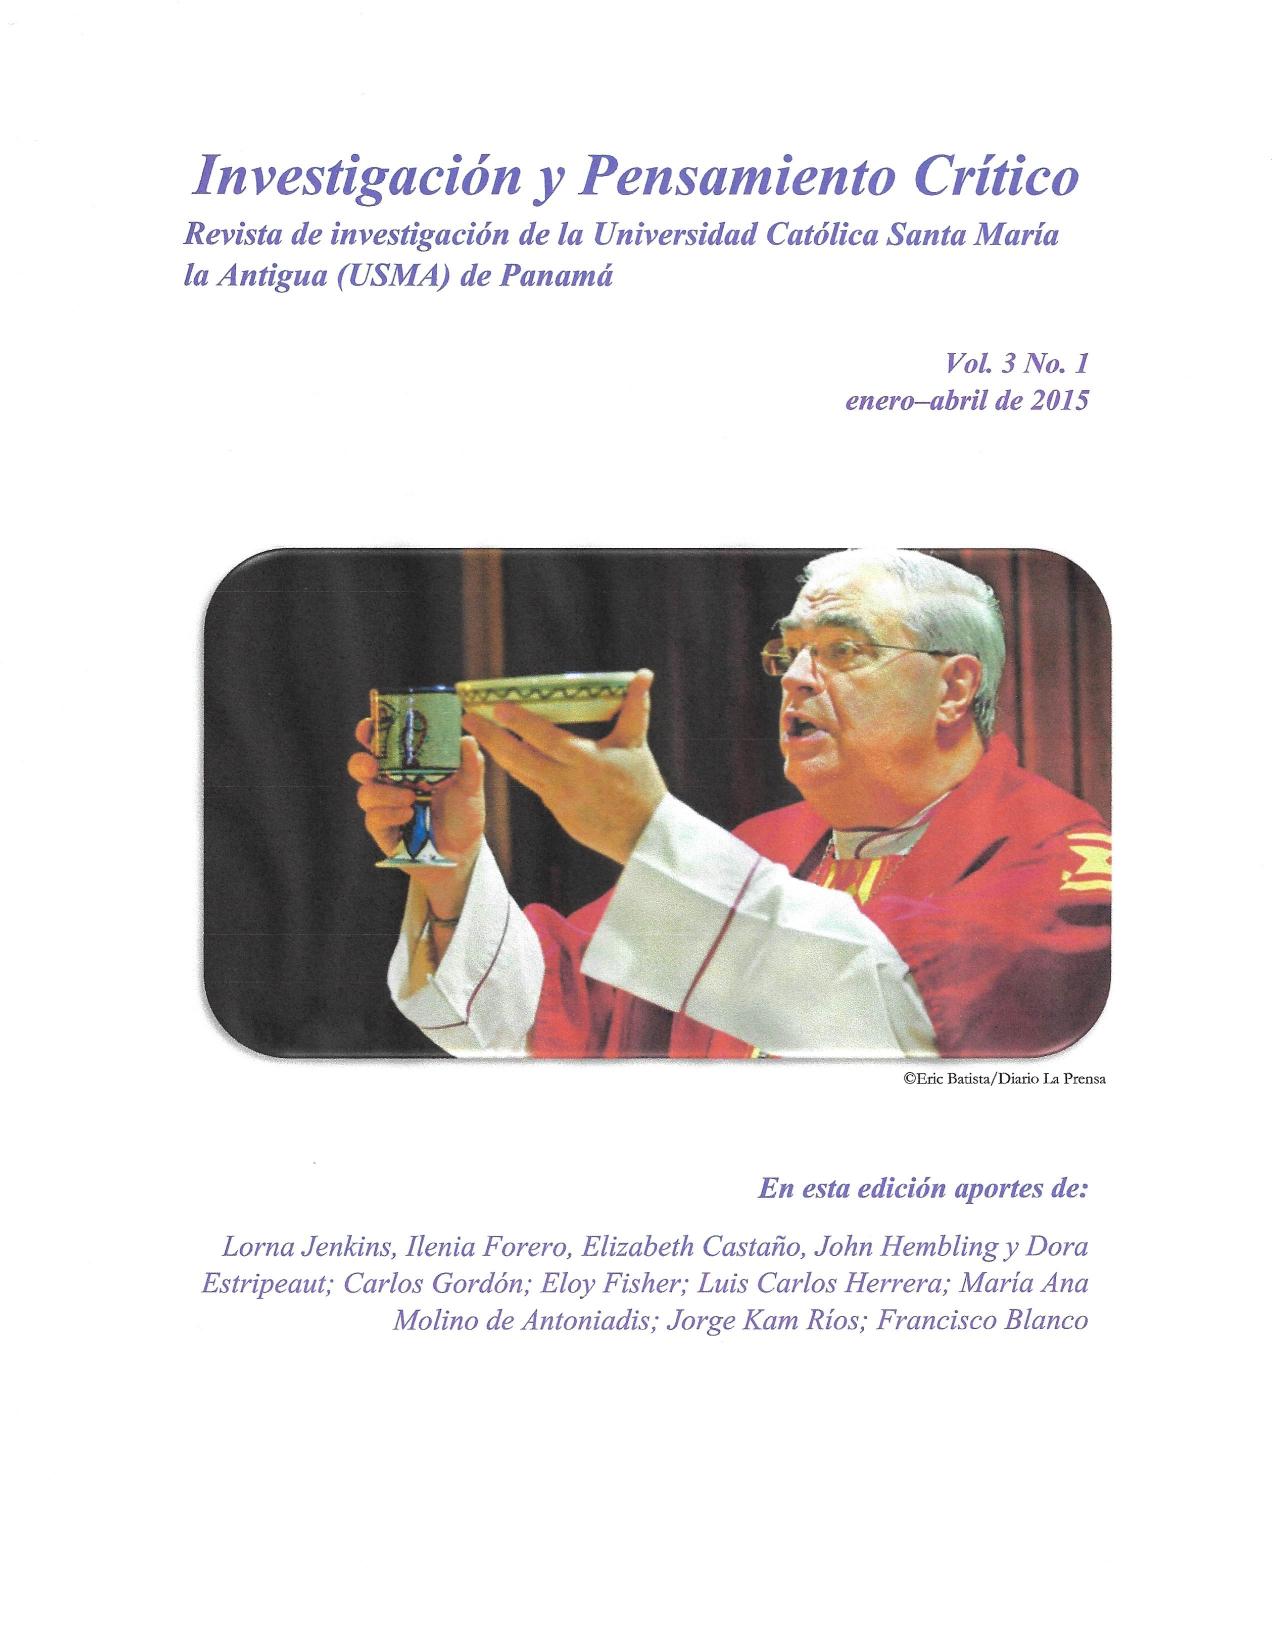 Imagen revista IPC, volumen 3, número 1, año 2015